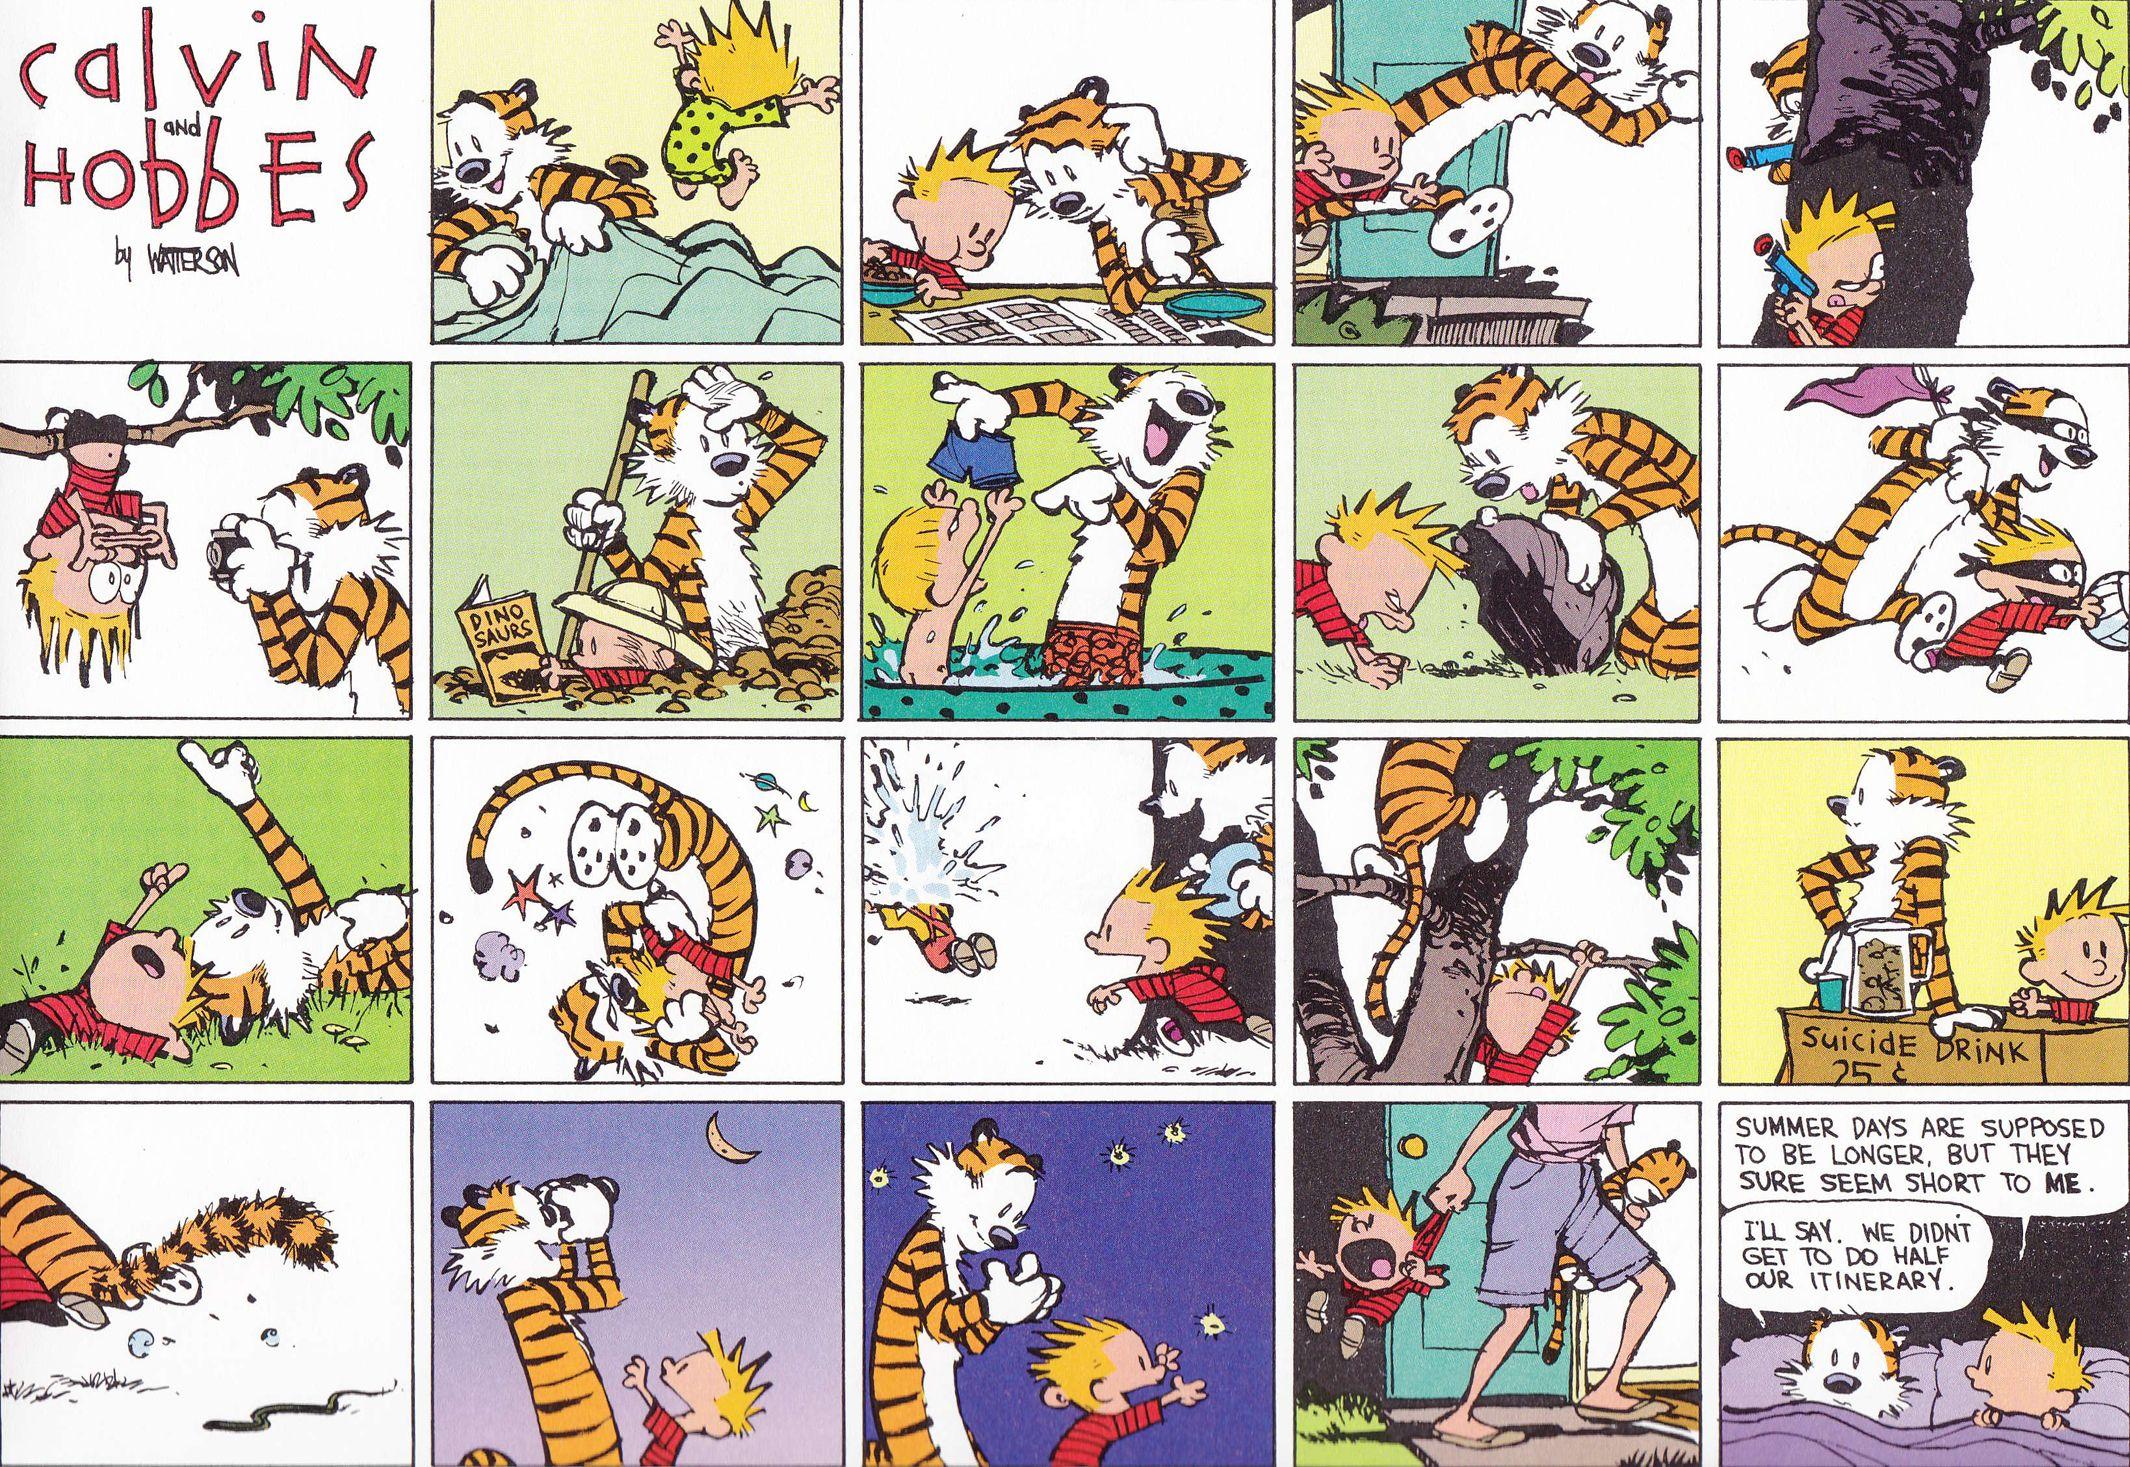 Calvin, Hobbes, Calvin